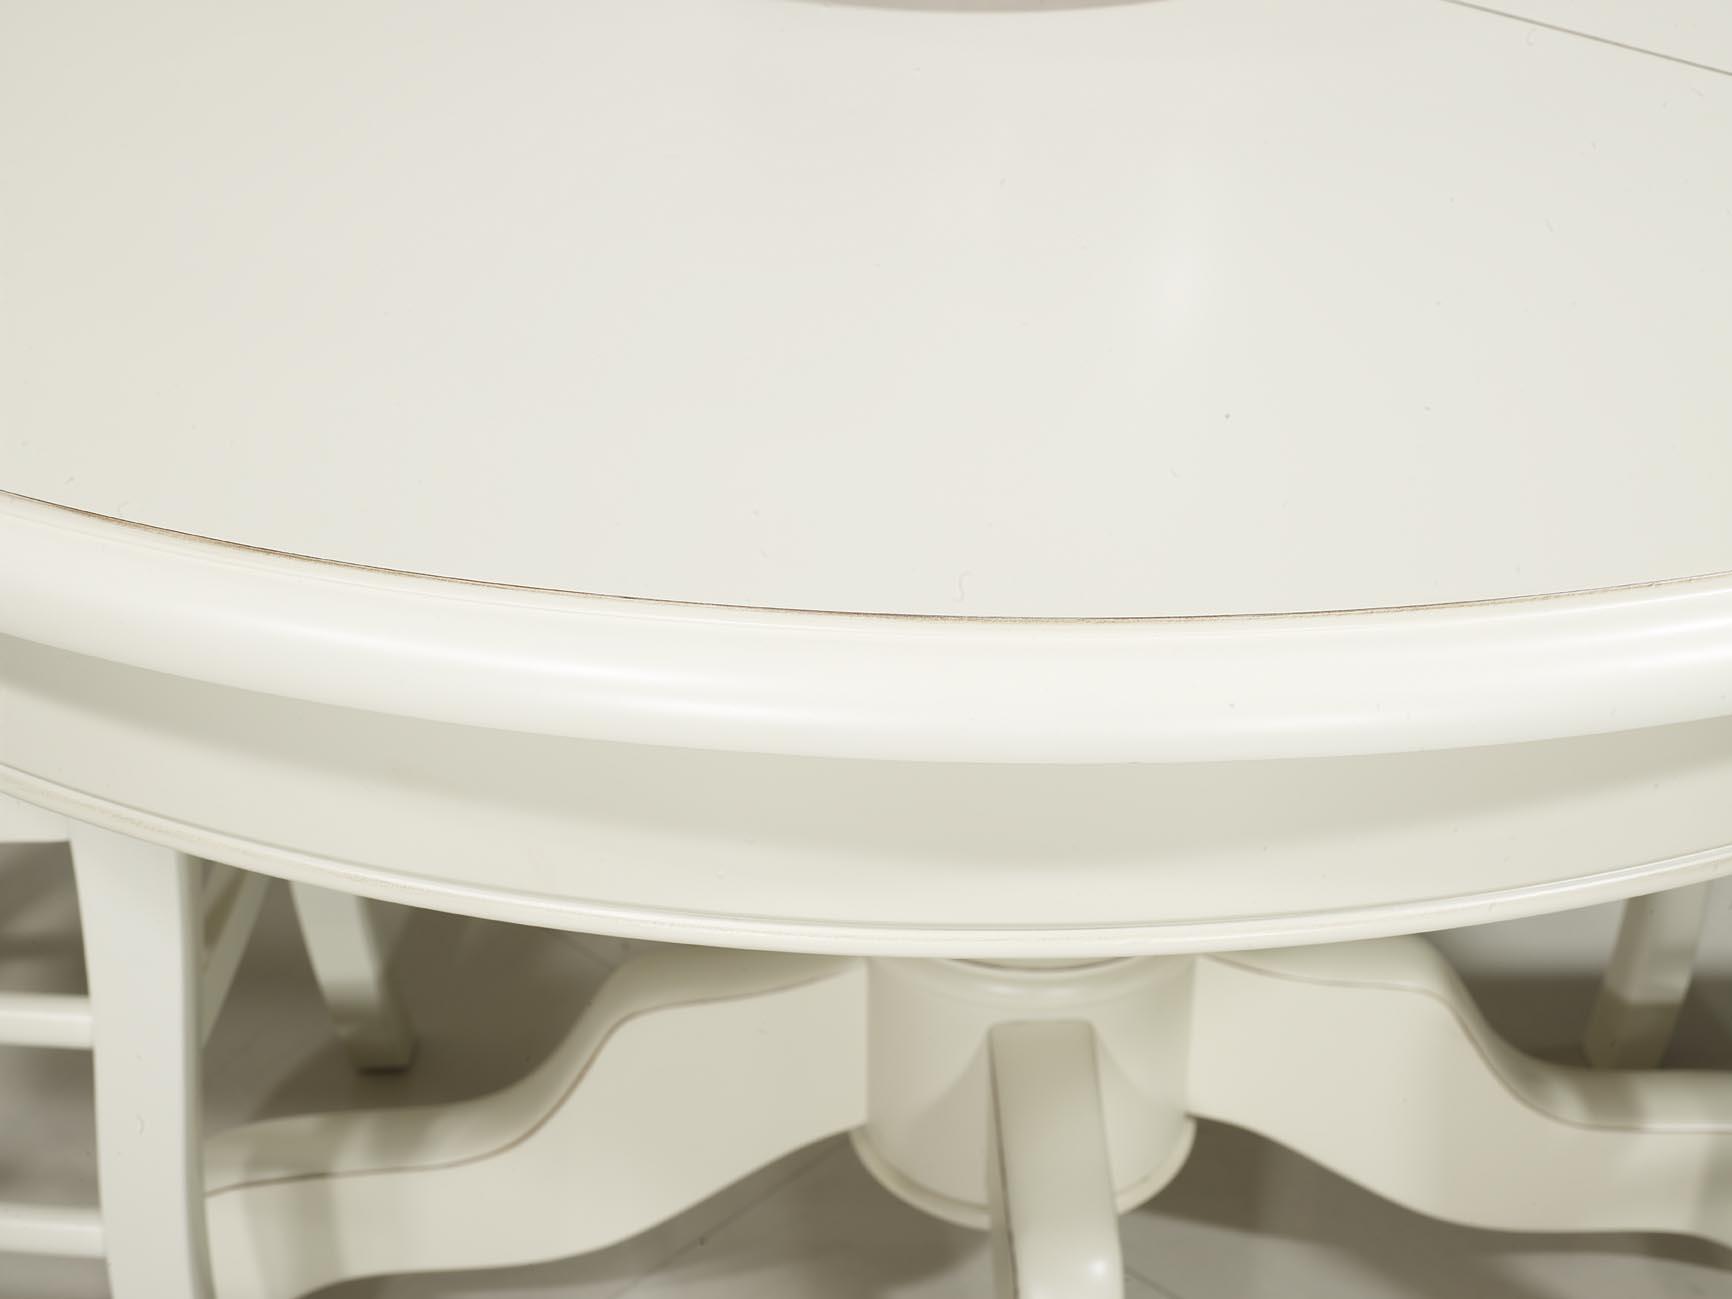 ef790680a26a5 ... Table ronde pied central réalisée en Merisier Massif de style Louis  Philippe DIAMETRE 120 - 2 ...